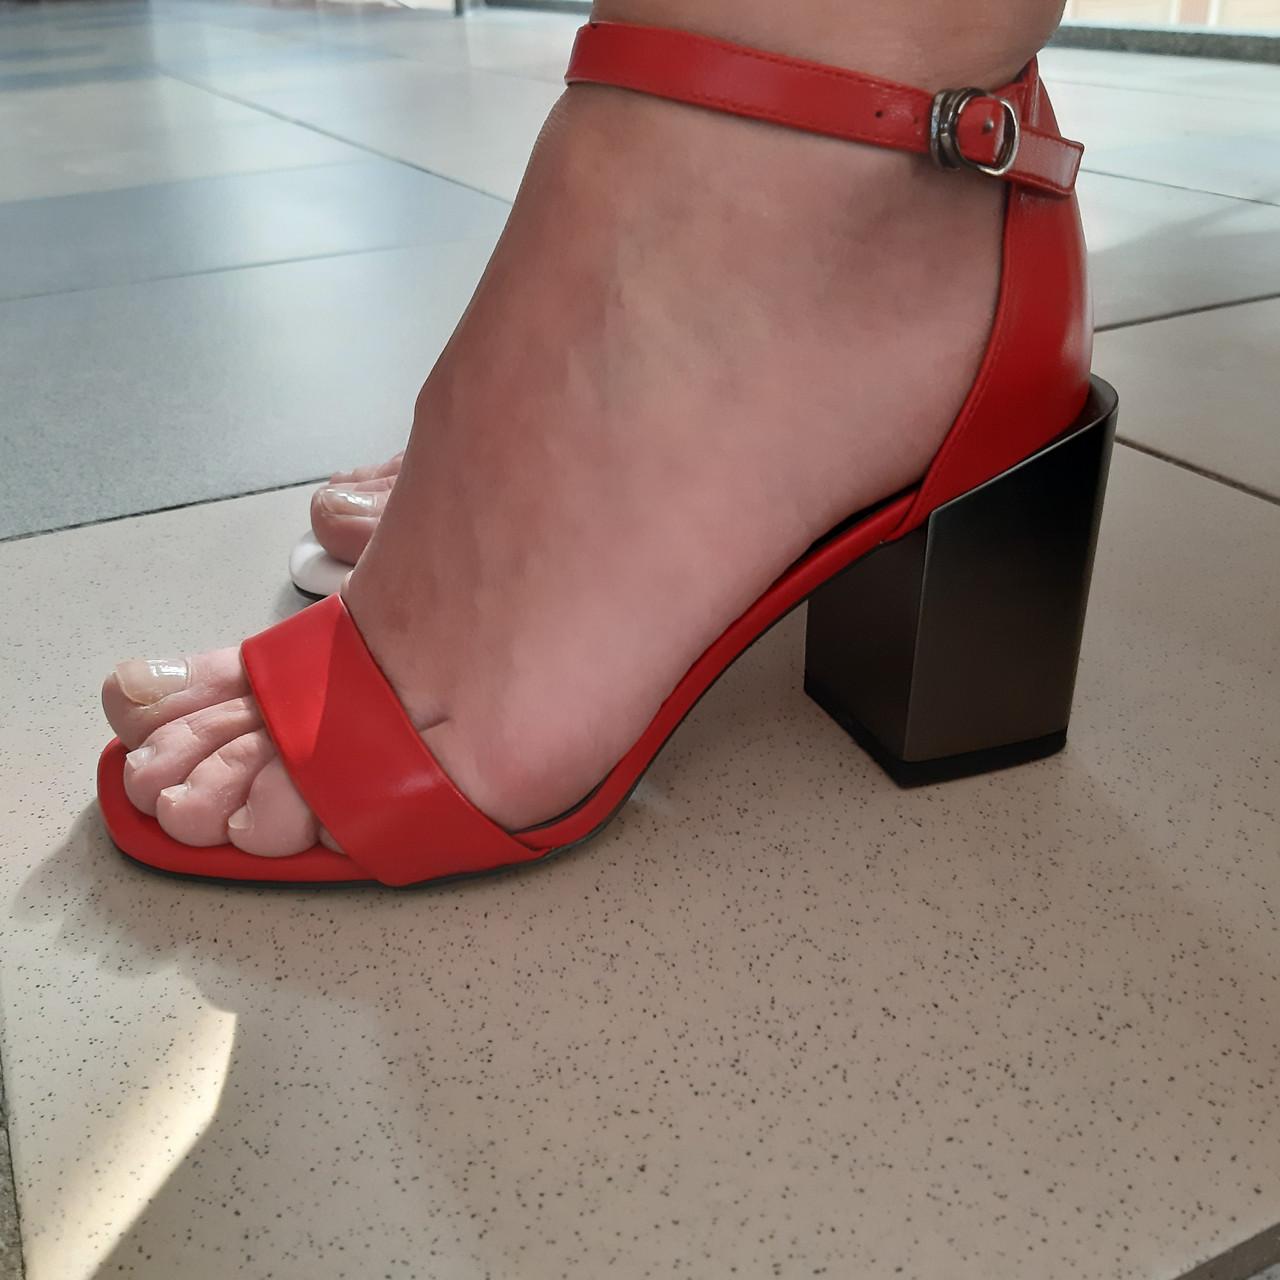 Босоніжки Inshoes червоні